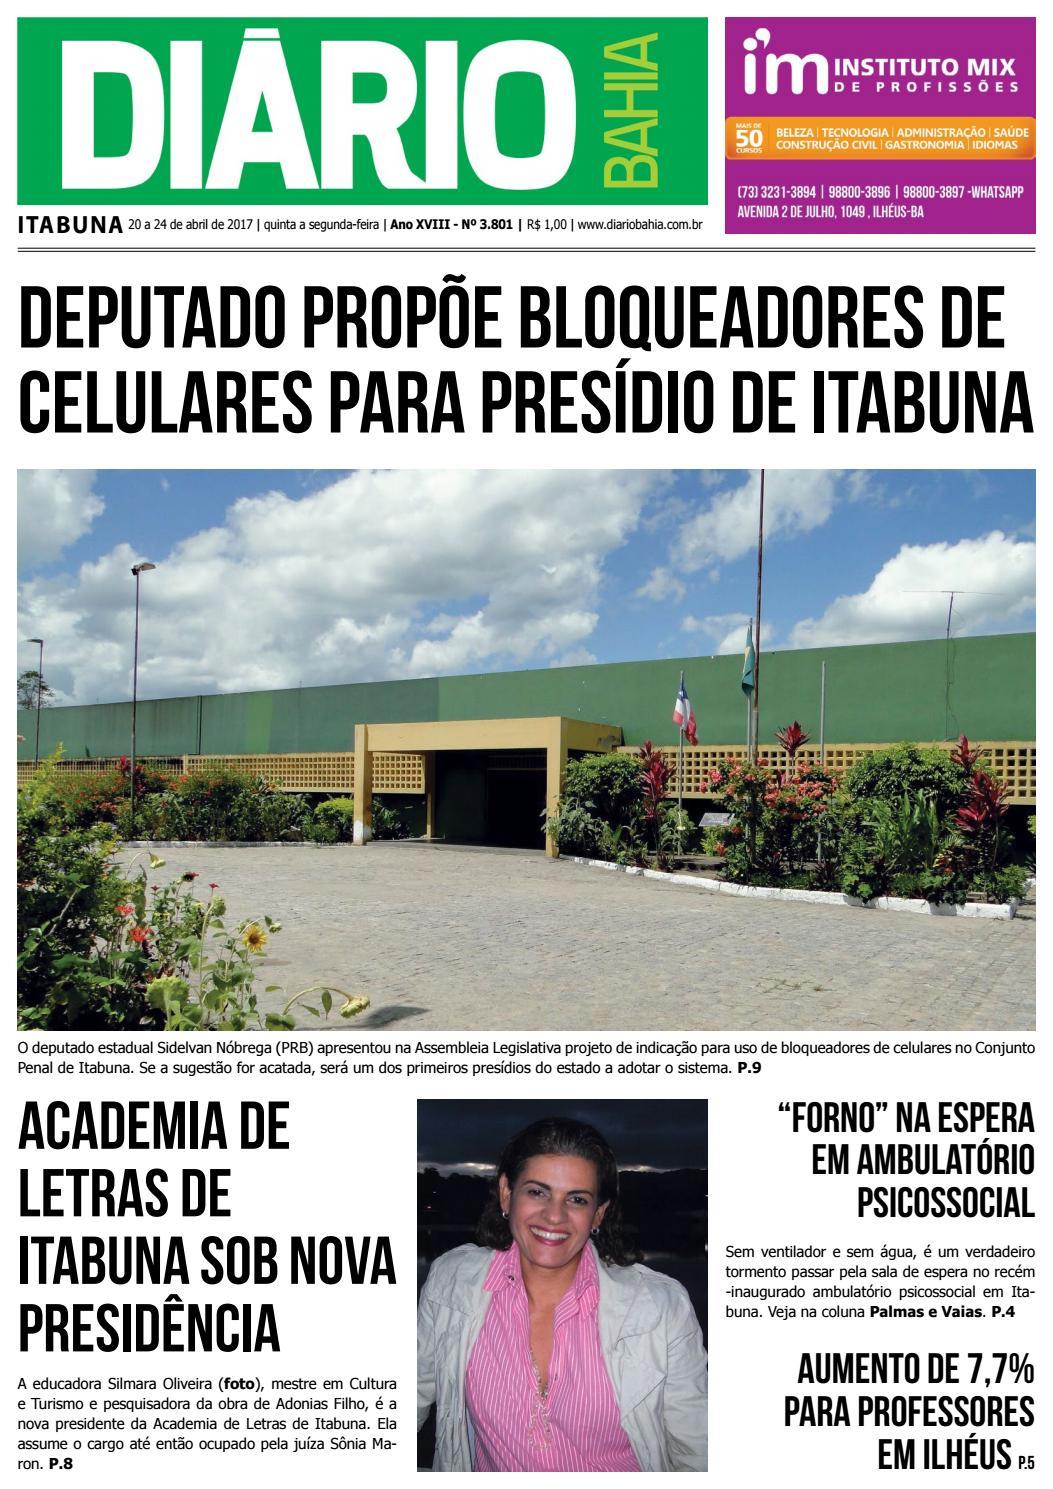 Diário 3 801 fim de semana 20 a 24 de abril de 2017 by Redacao DiarioBahia  - issuu 78c7d1b9c5